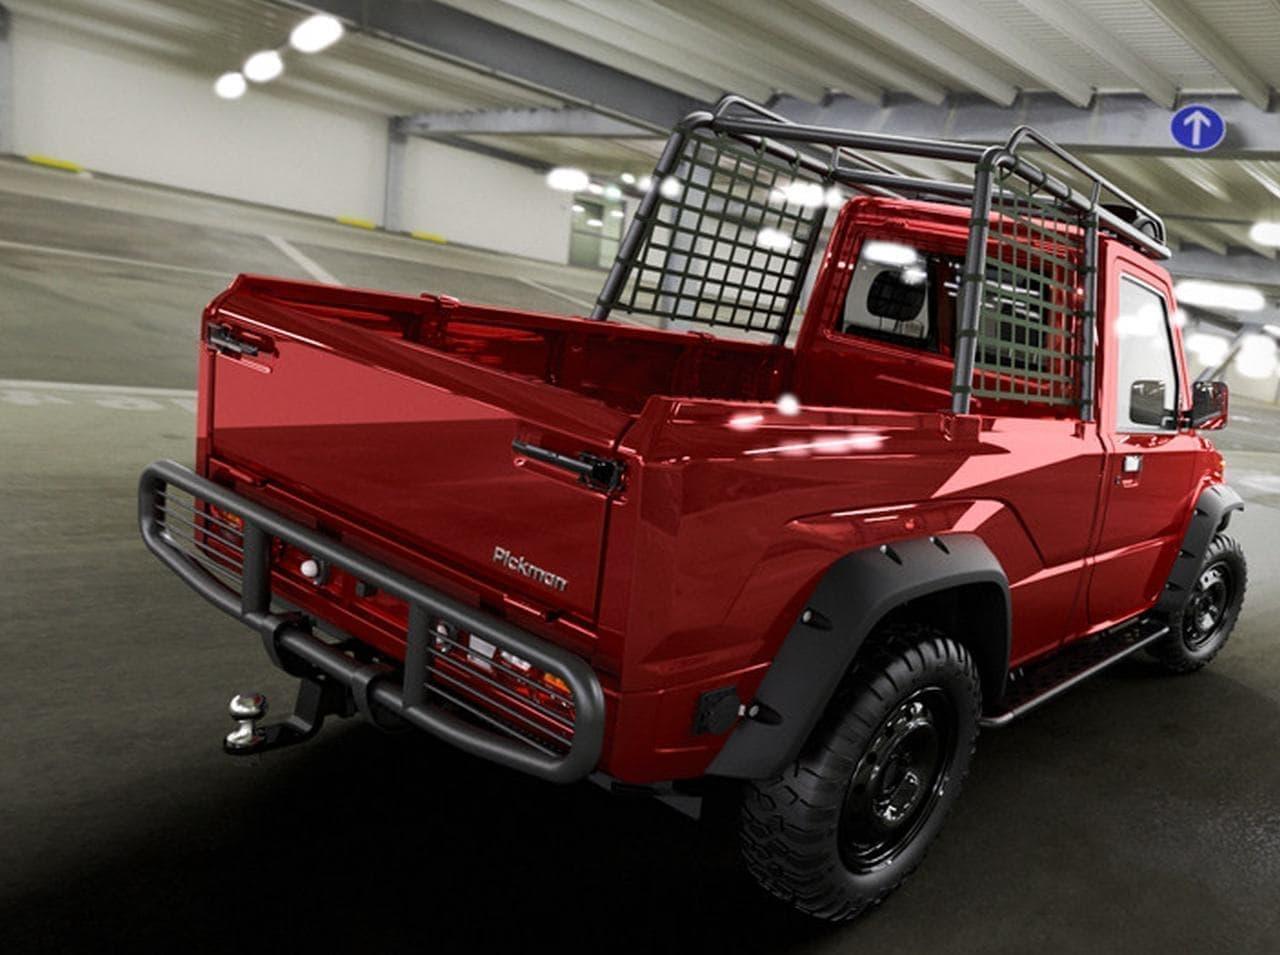 ピックアップトラック「Pickman」にちょっとカッコいい新モデル「XR」